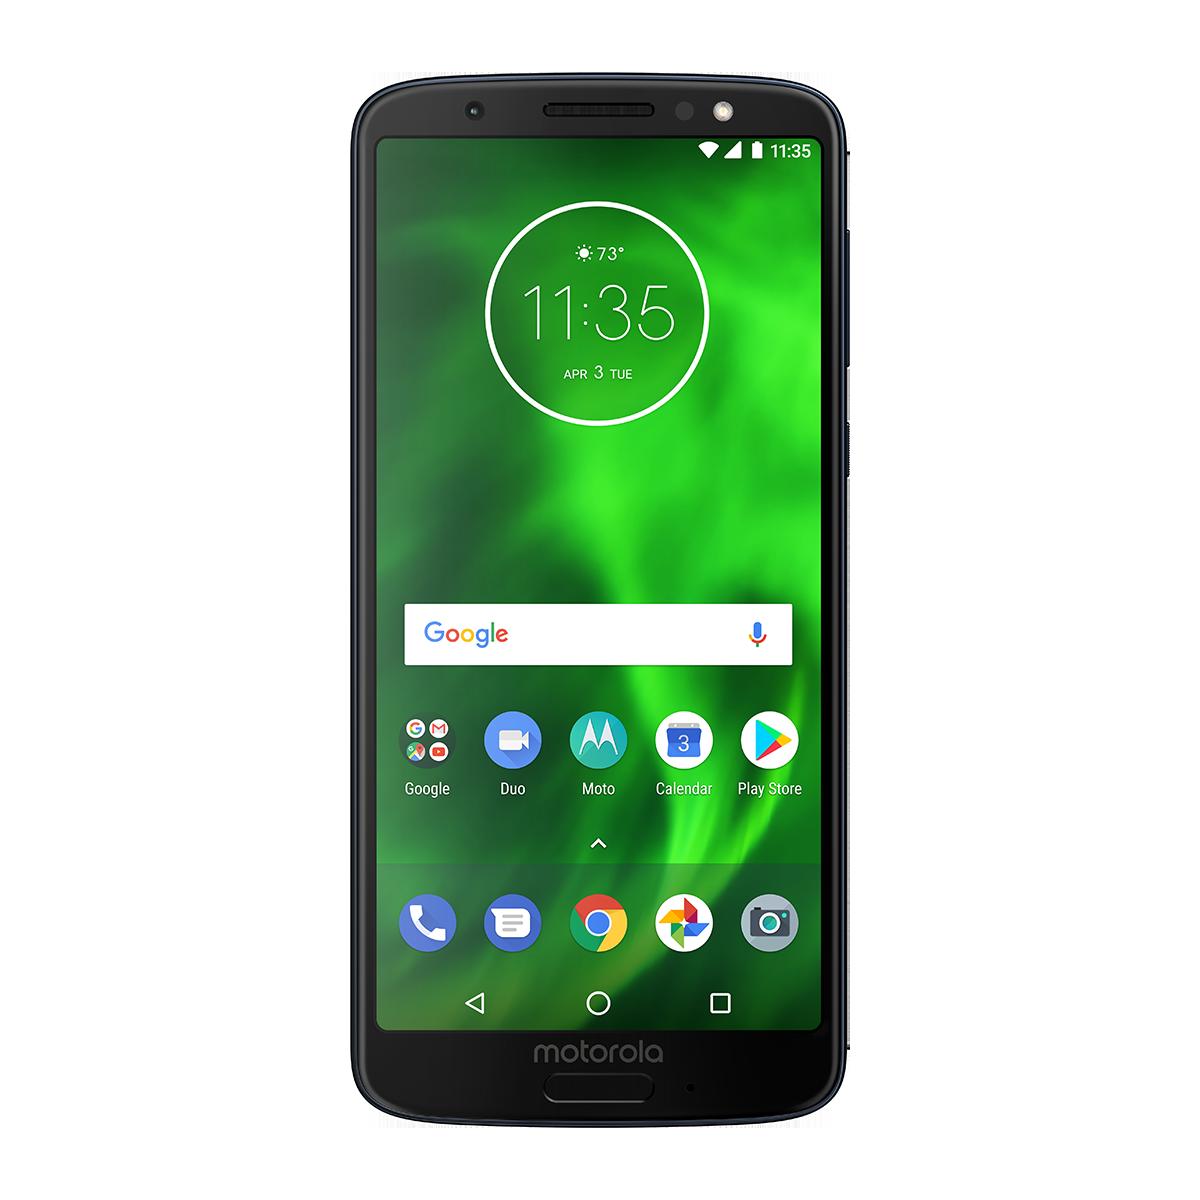 cdd109fe5 Motorola Moto G6 - Deep Indigo - Carousel 1